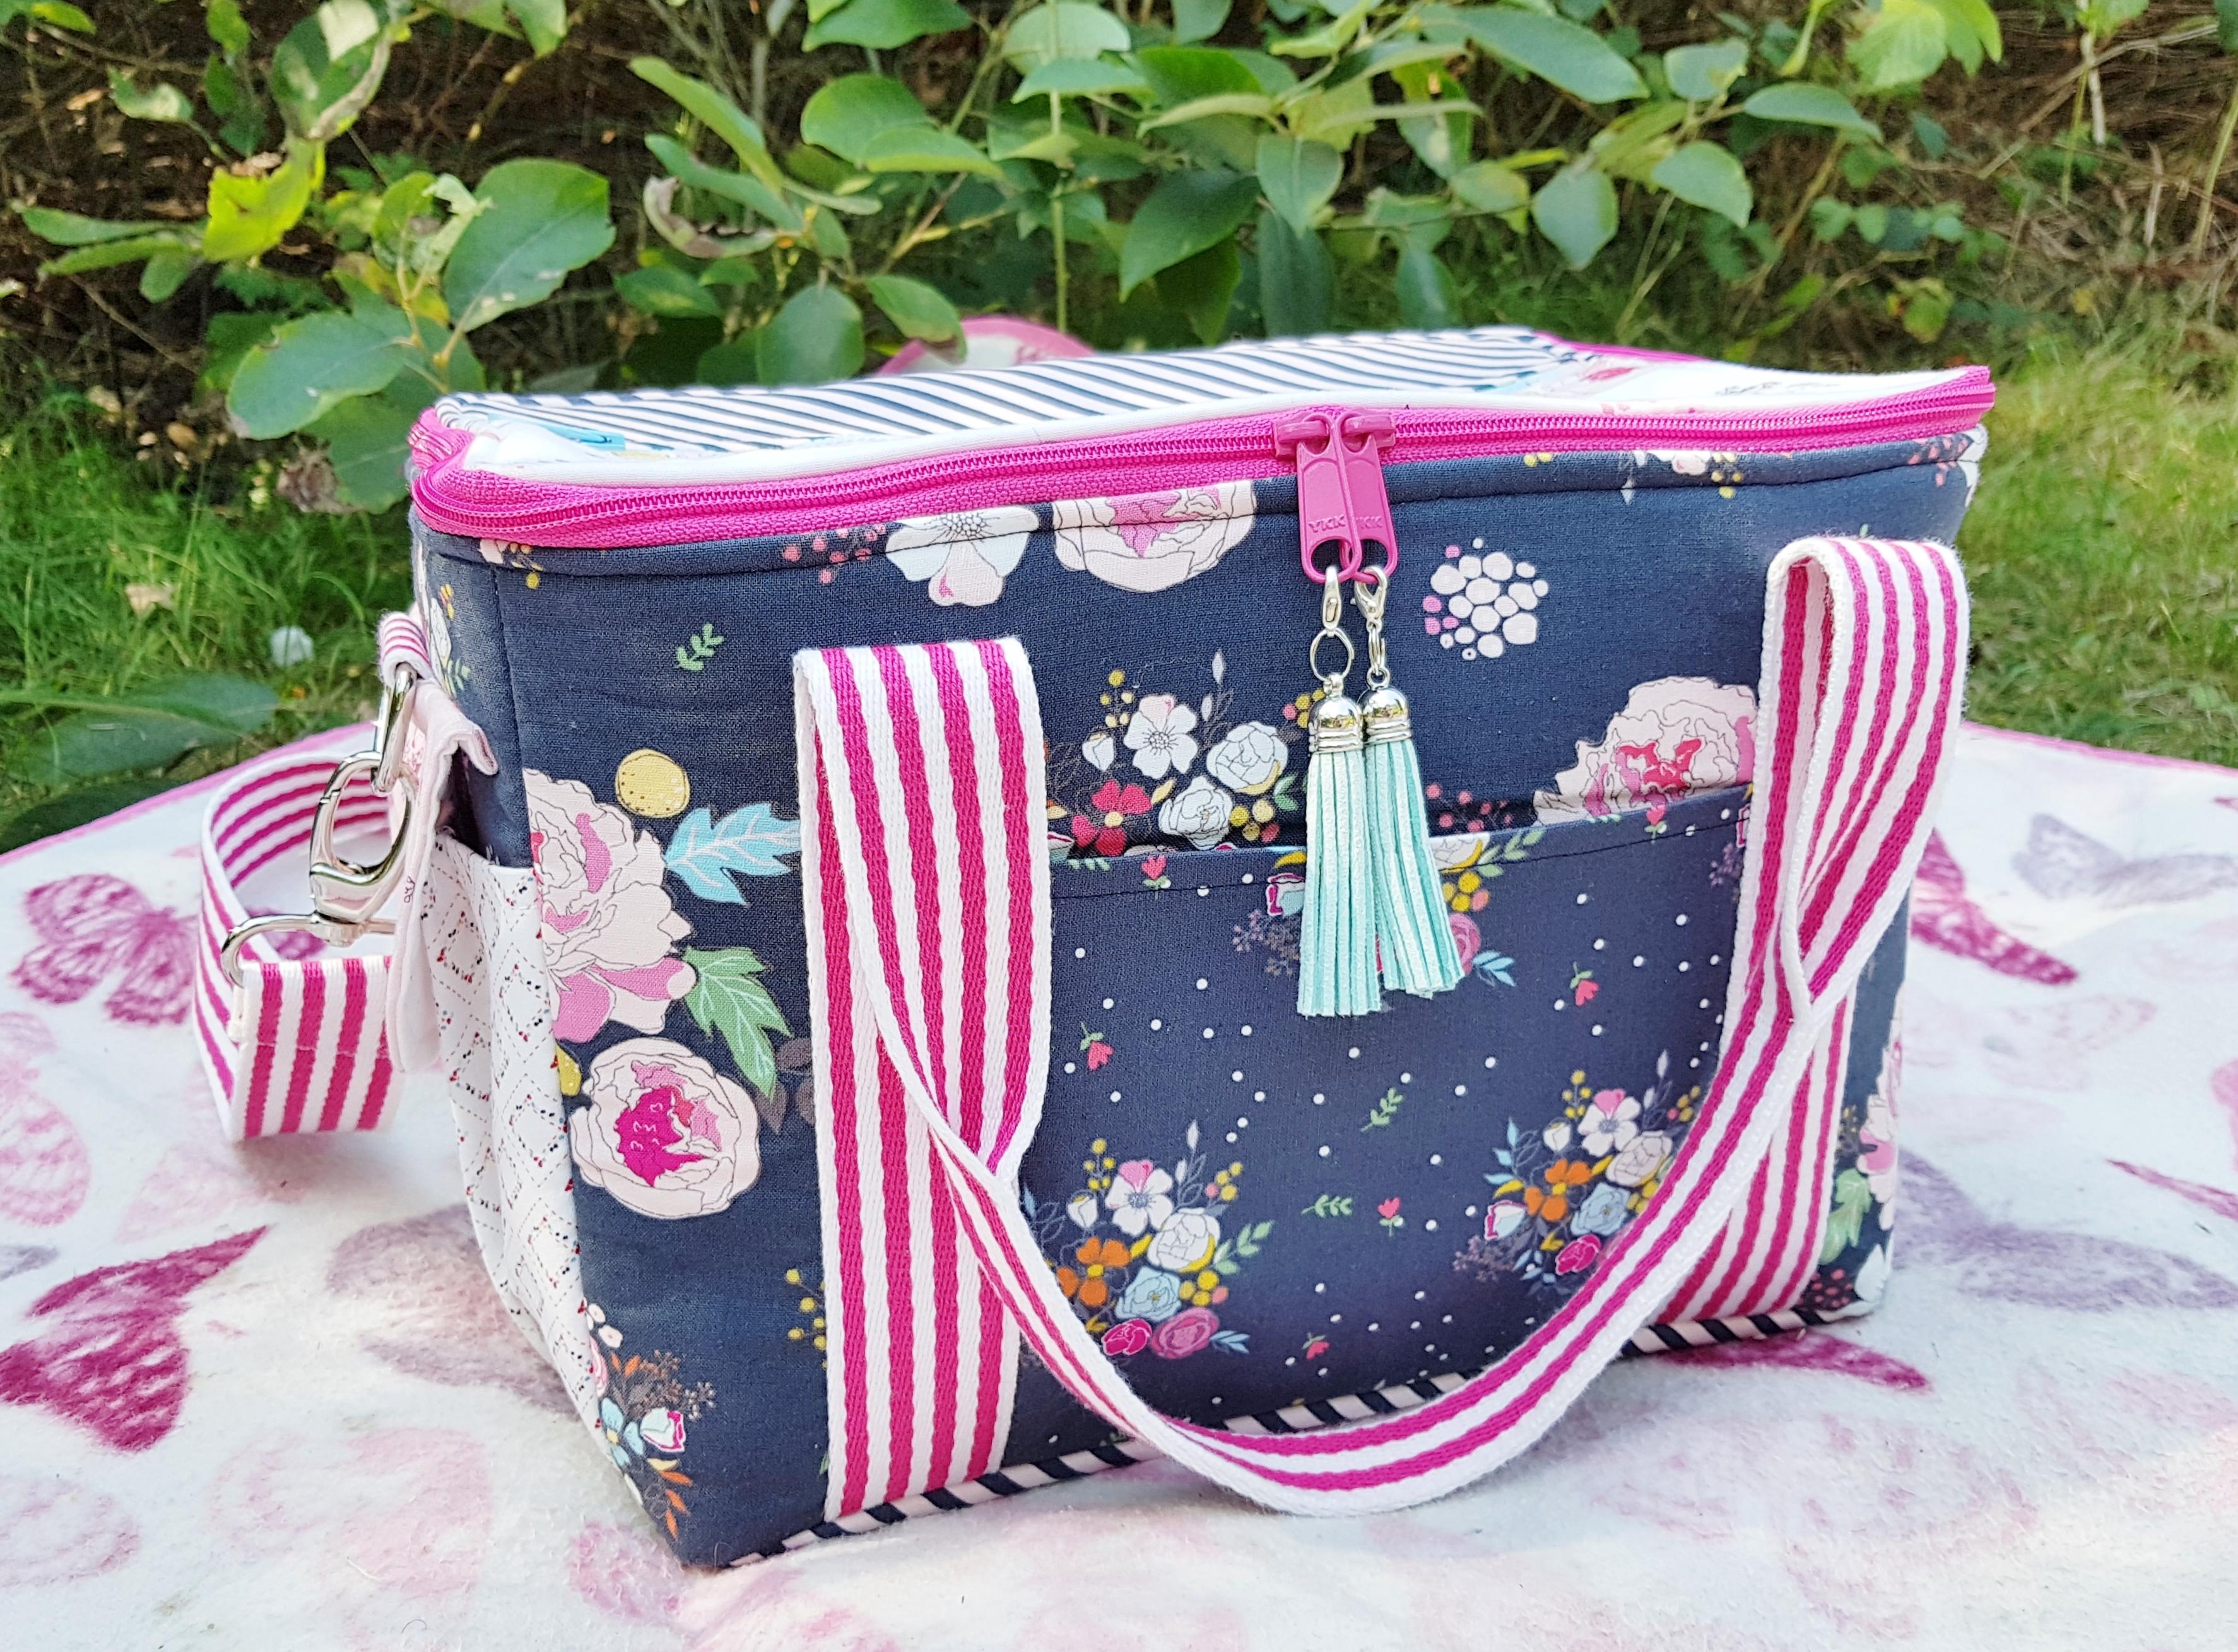 Idyllic Fabric - Hudson Bag